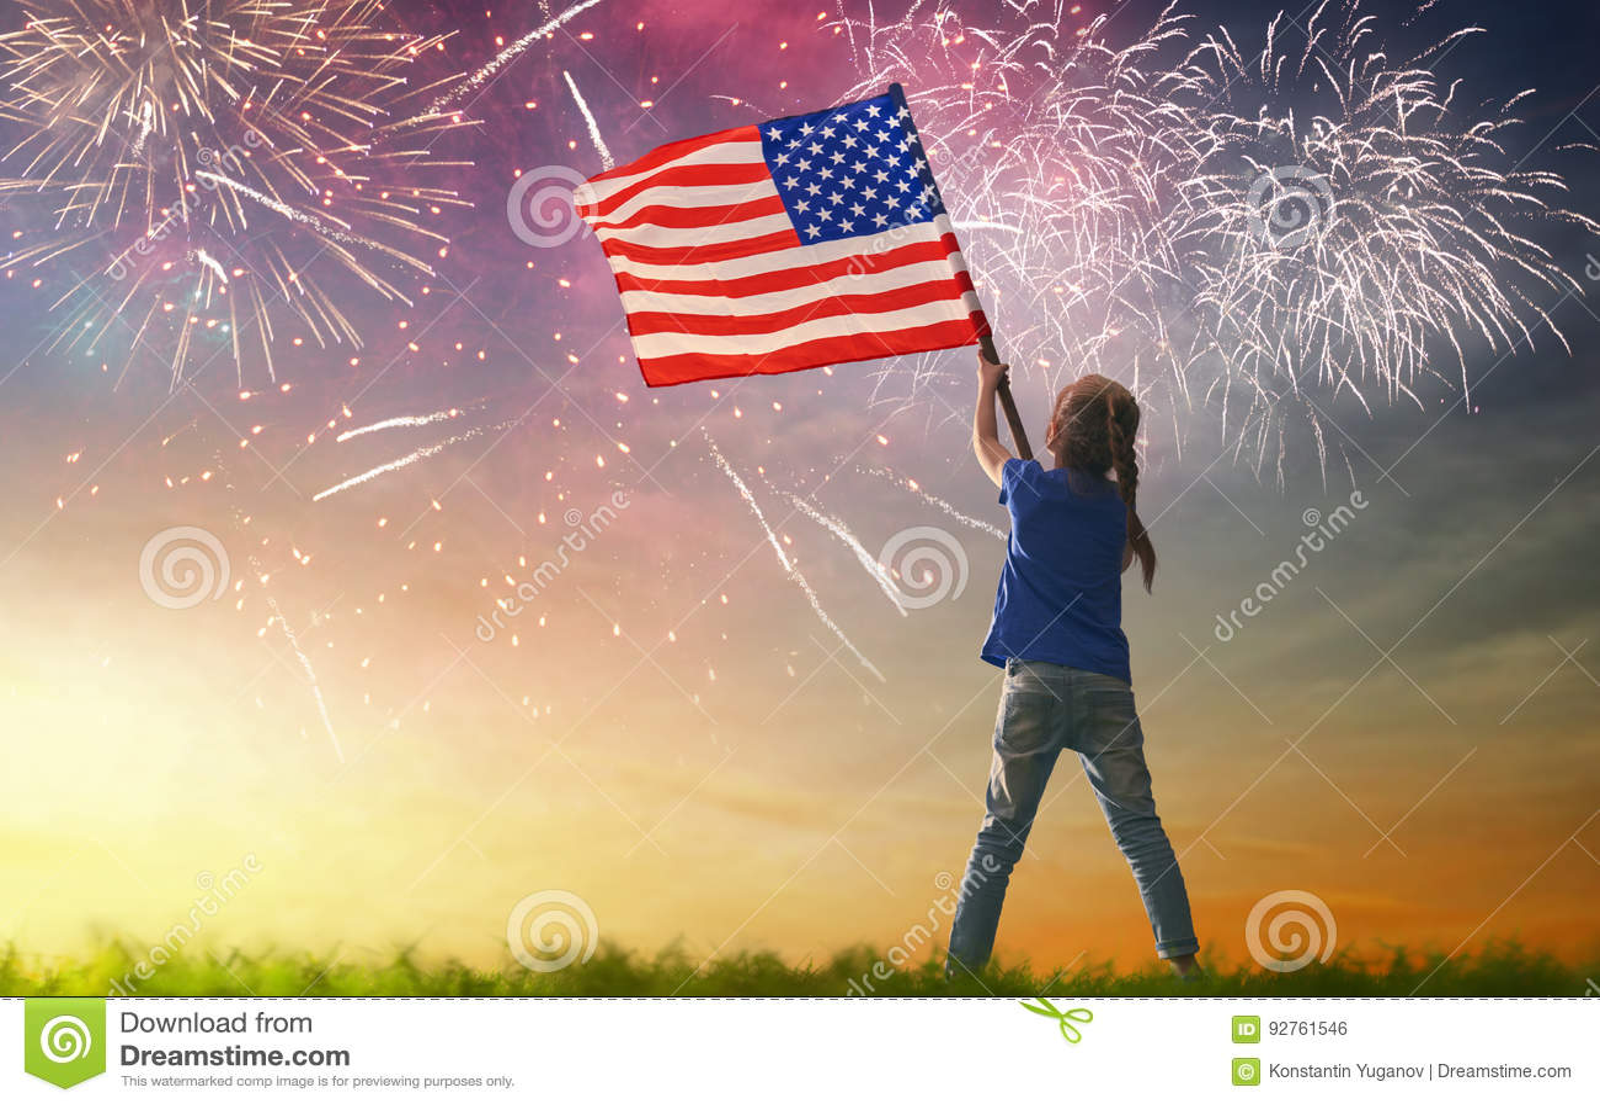 Patriotisk ferie lycklig unge